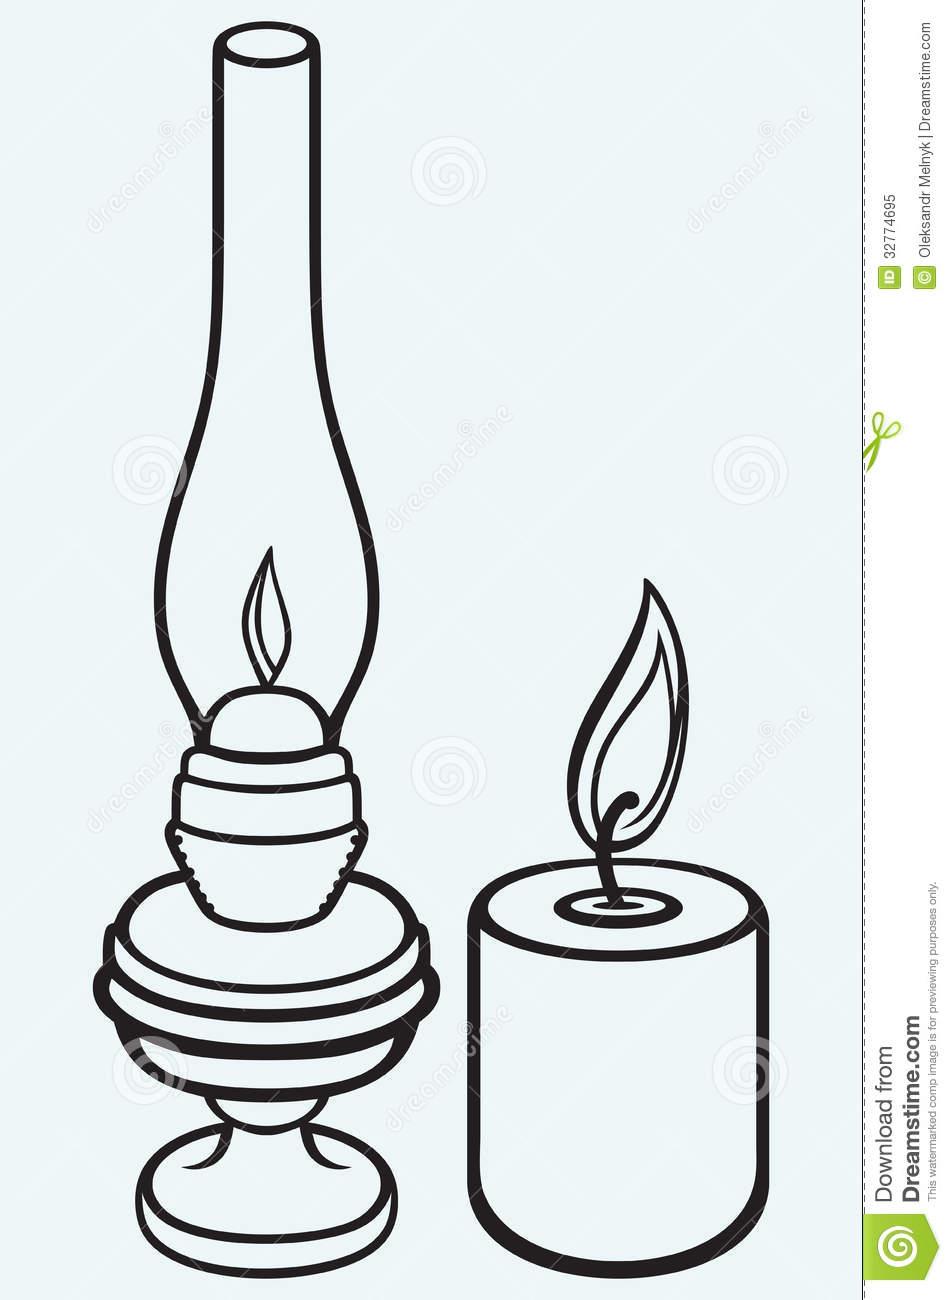 Kerosene Lamp And Candle Royalty Free Stock Photo.